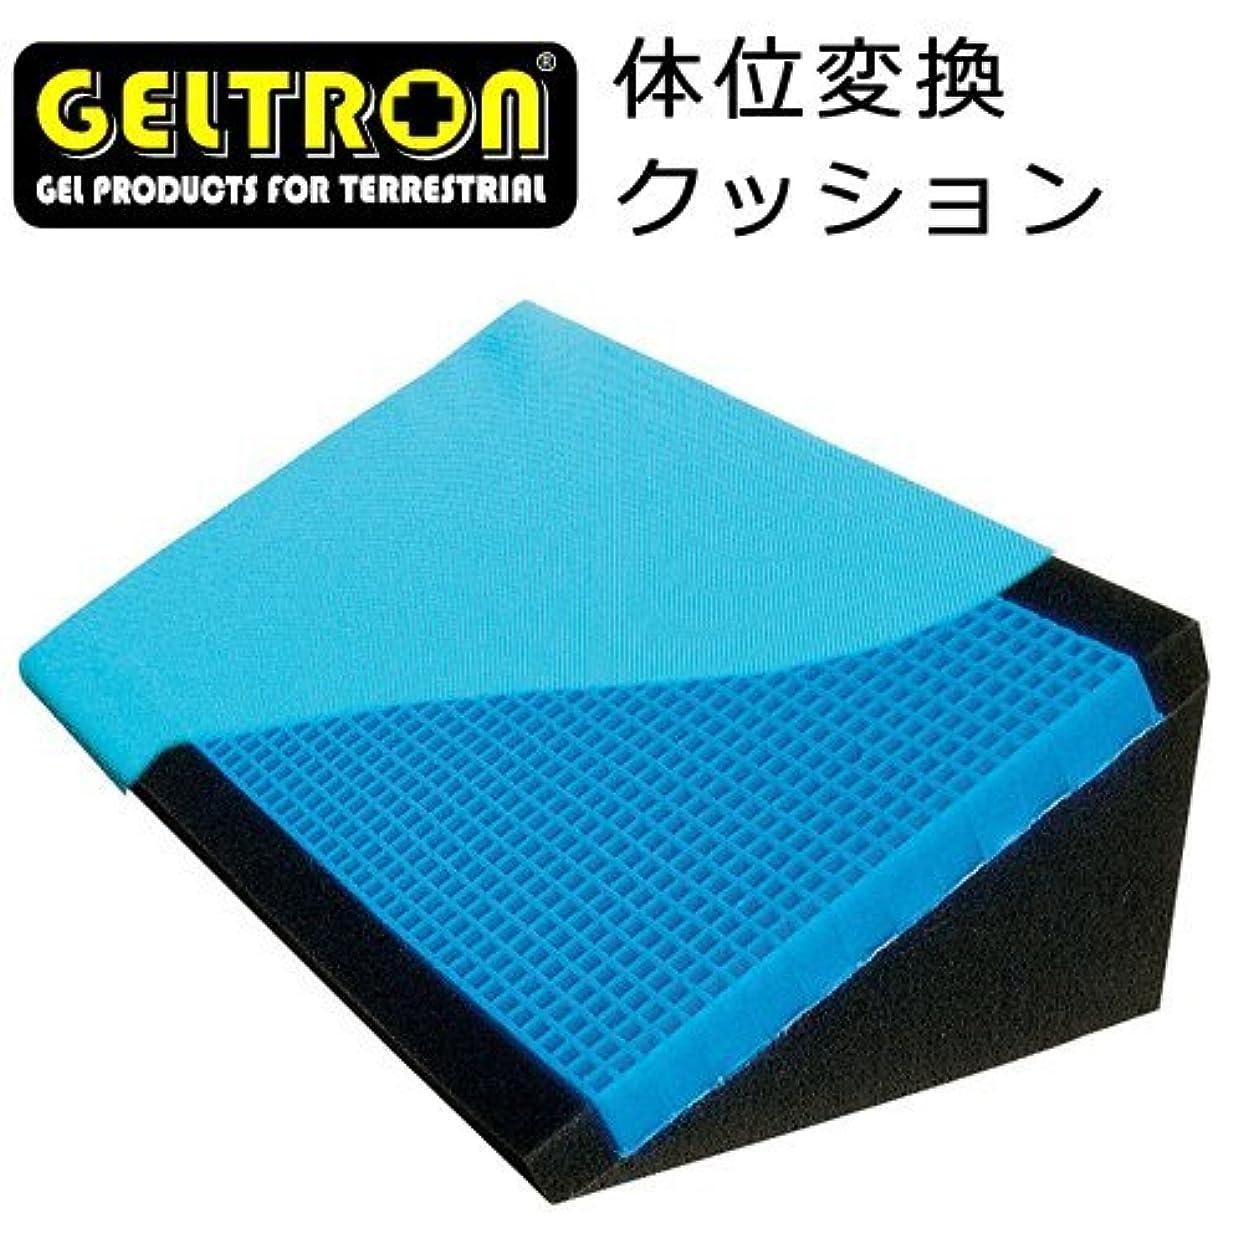 ヒロイン敬礼要求するジェルトロン 体位変換クッション 幅35×奥行21×高さ12cm 30度保持形状(TAISコード) 防水?清拭カバー